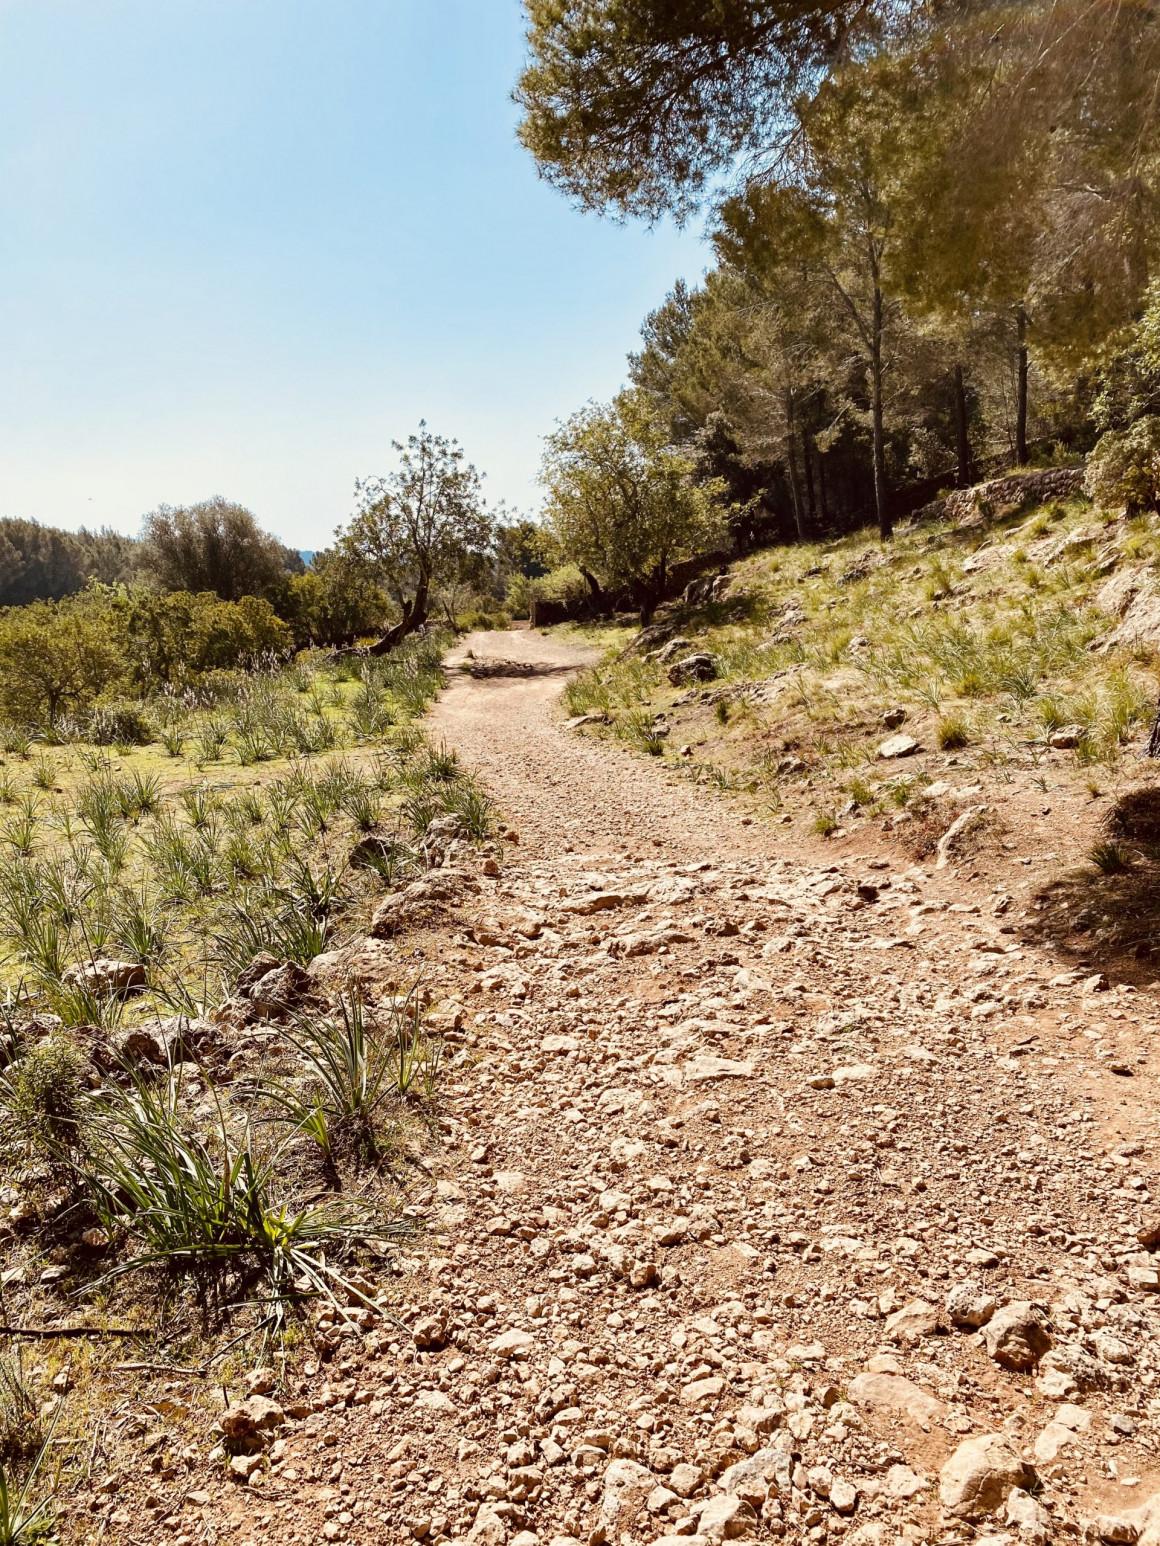 Mallorcas zielgenaue Steinschleuderer - Mallorca ist steinreich Teil 1